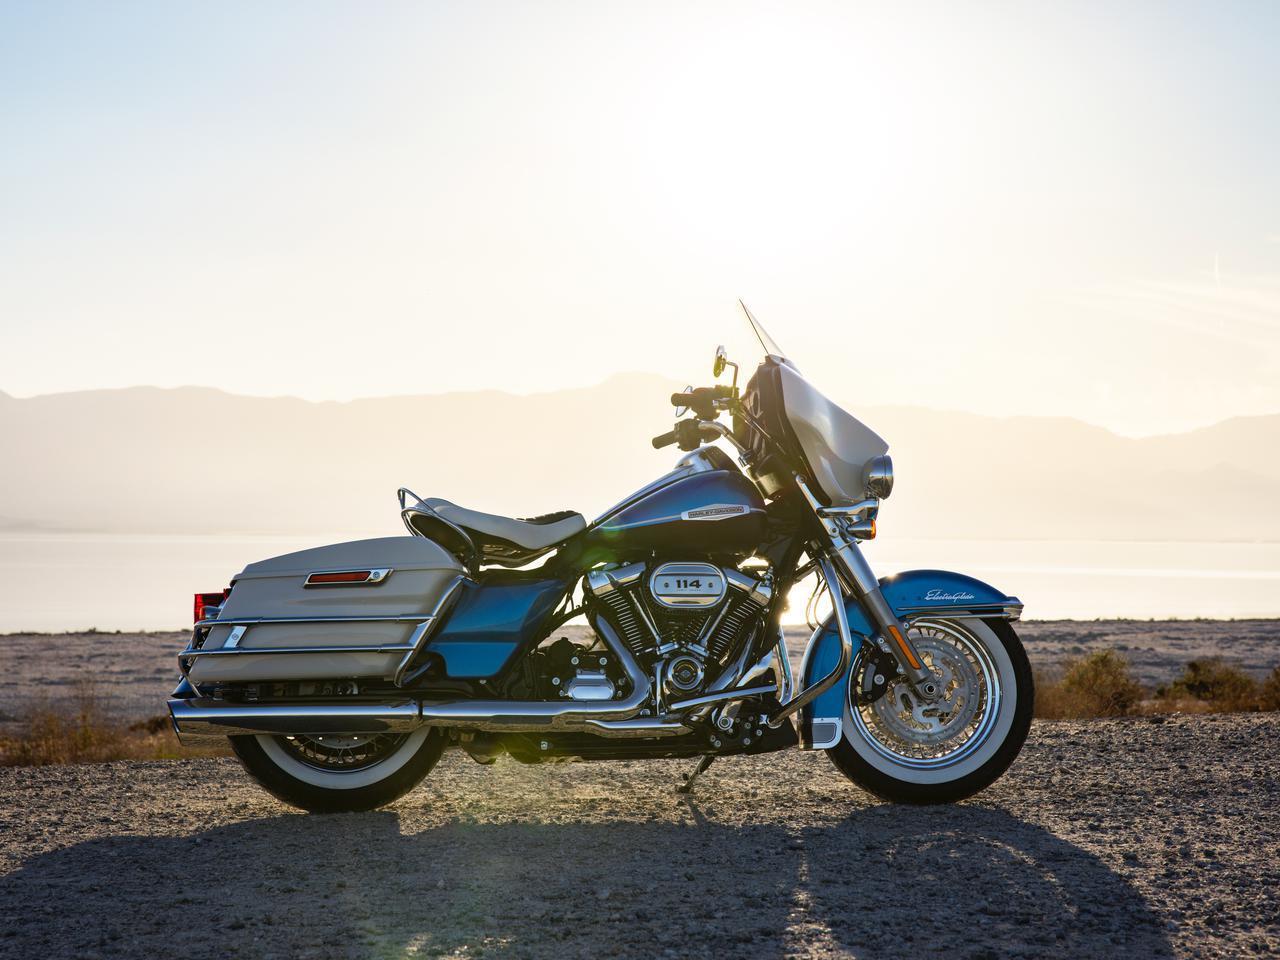 画像: Harley-Davidson Electra Glide Revival 排気量:1868cc エンジン形式:空冷4ストOHV4バルブV型2気筒 シート高:785mm(無負荷状態) 車両重量:391kg メーカー希望小売価格:税込337万9500円